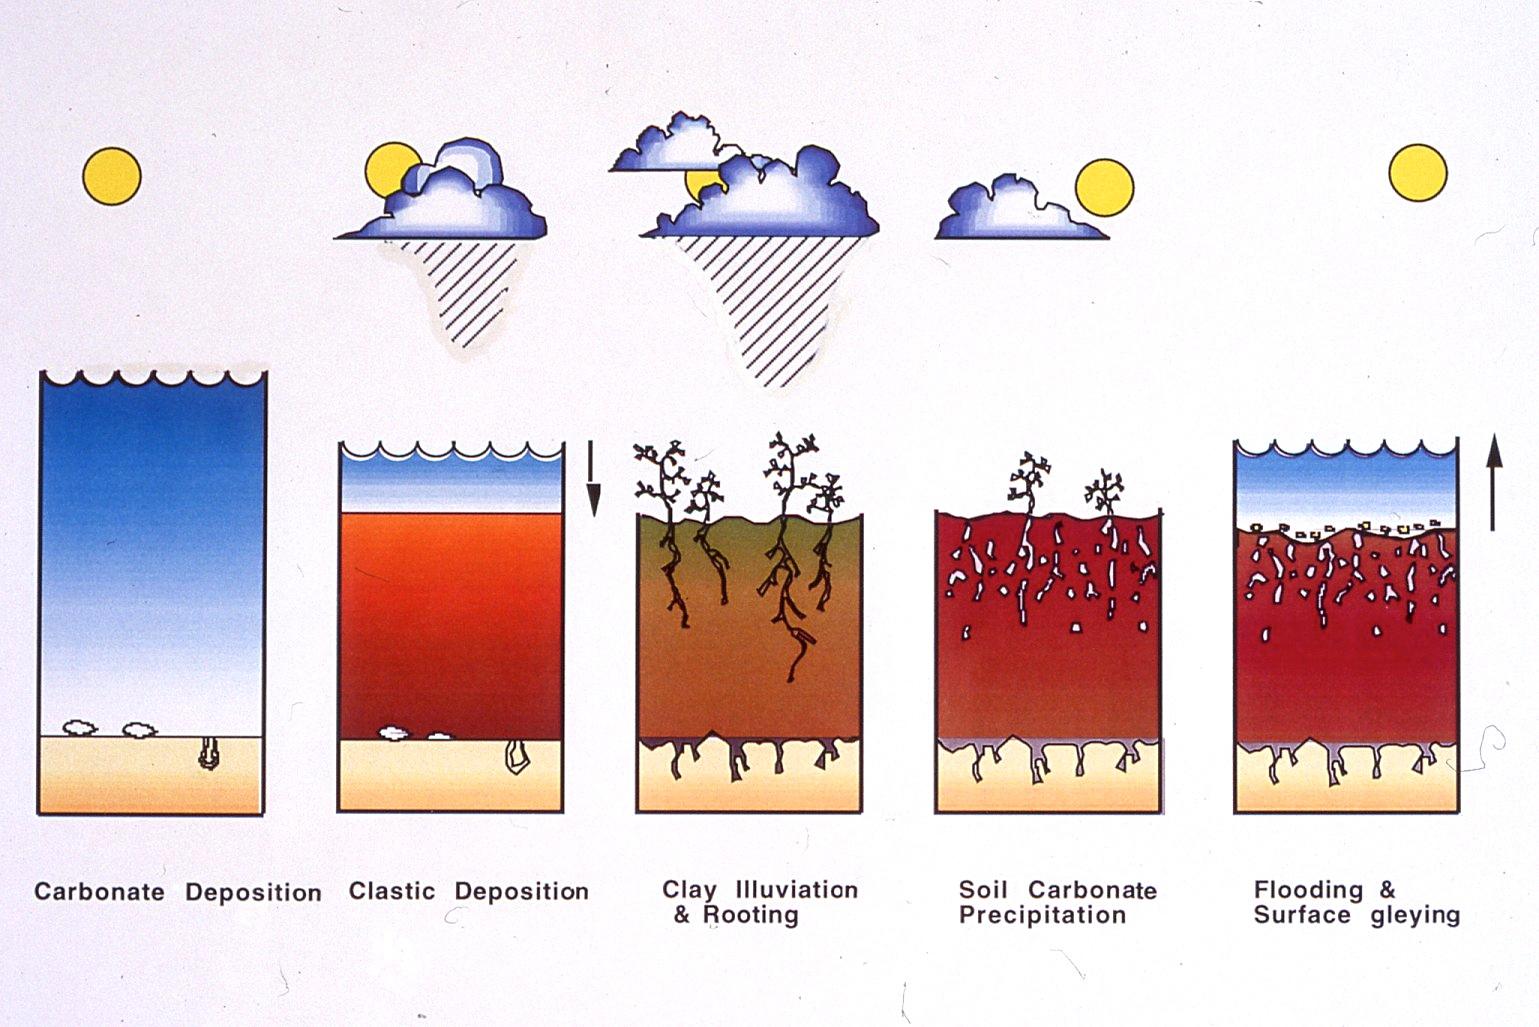 ... Soil Profile Diagram additionally Soil Horizon Layers Diagram. on soil